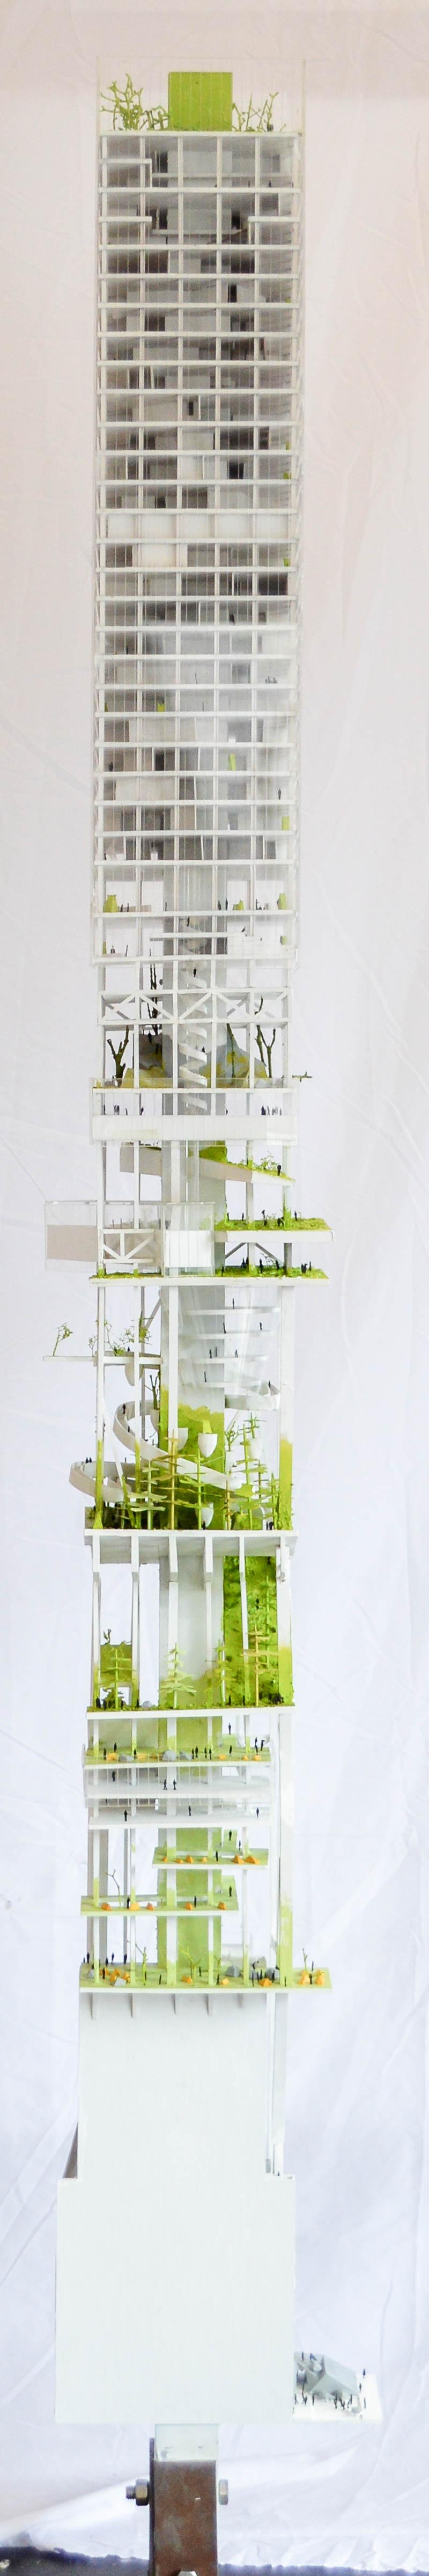 verticaltower-13.jpg